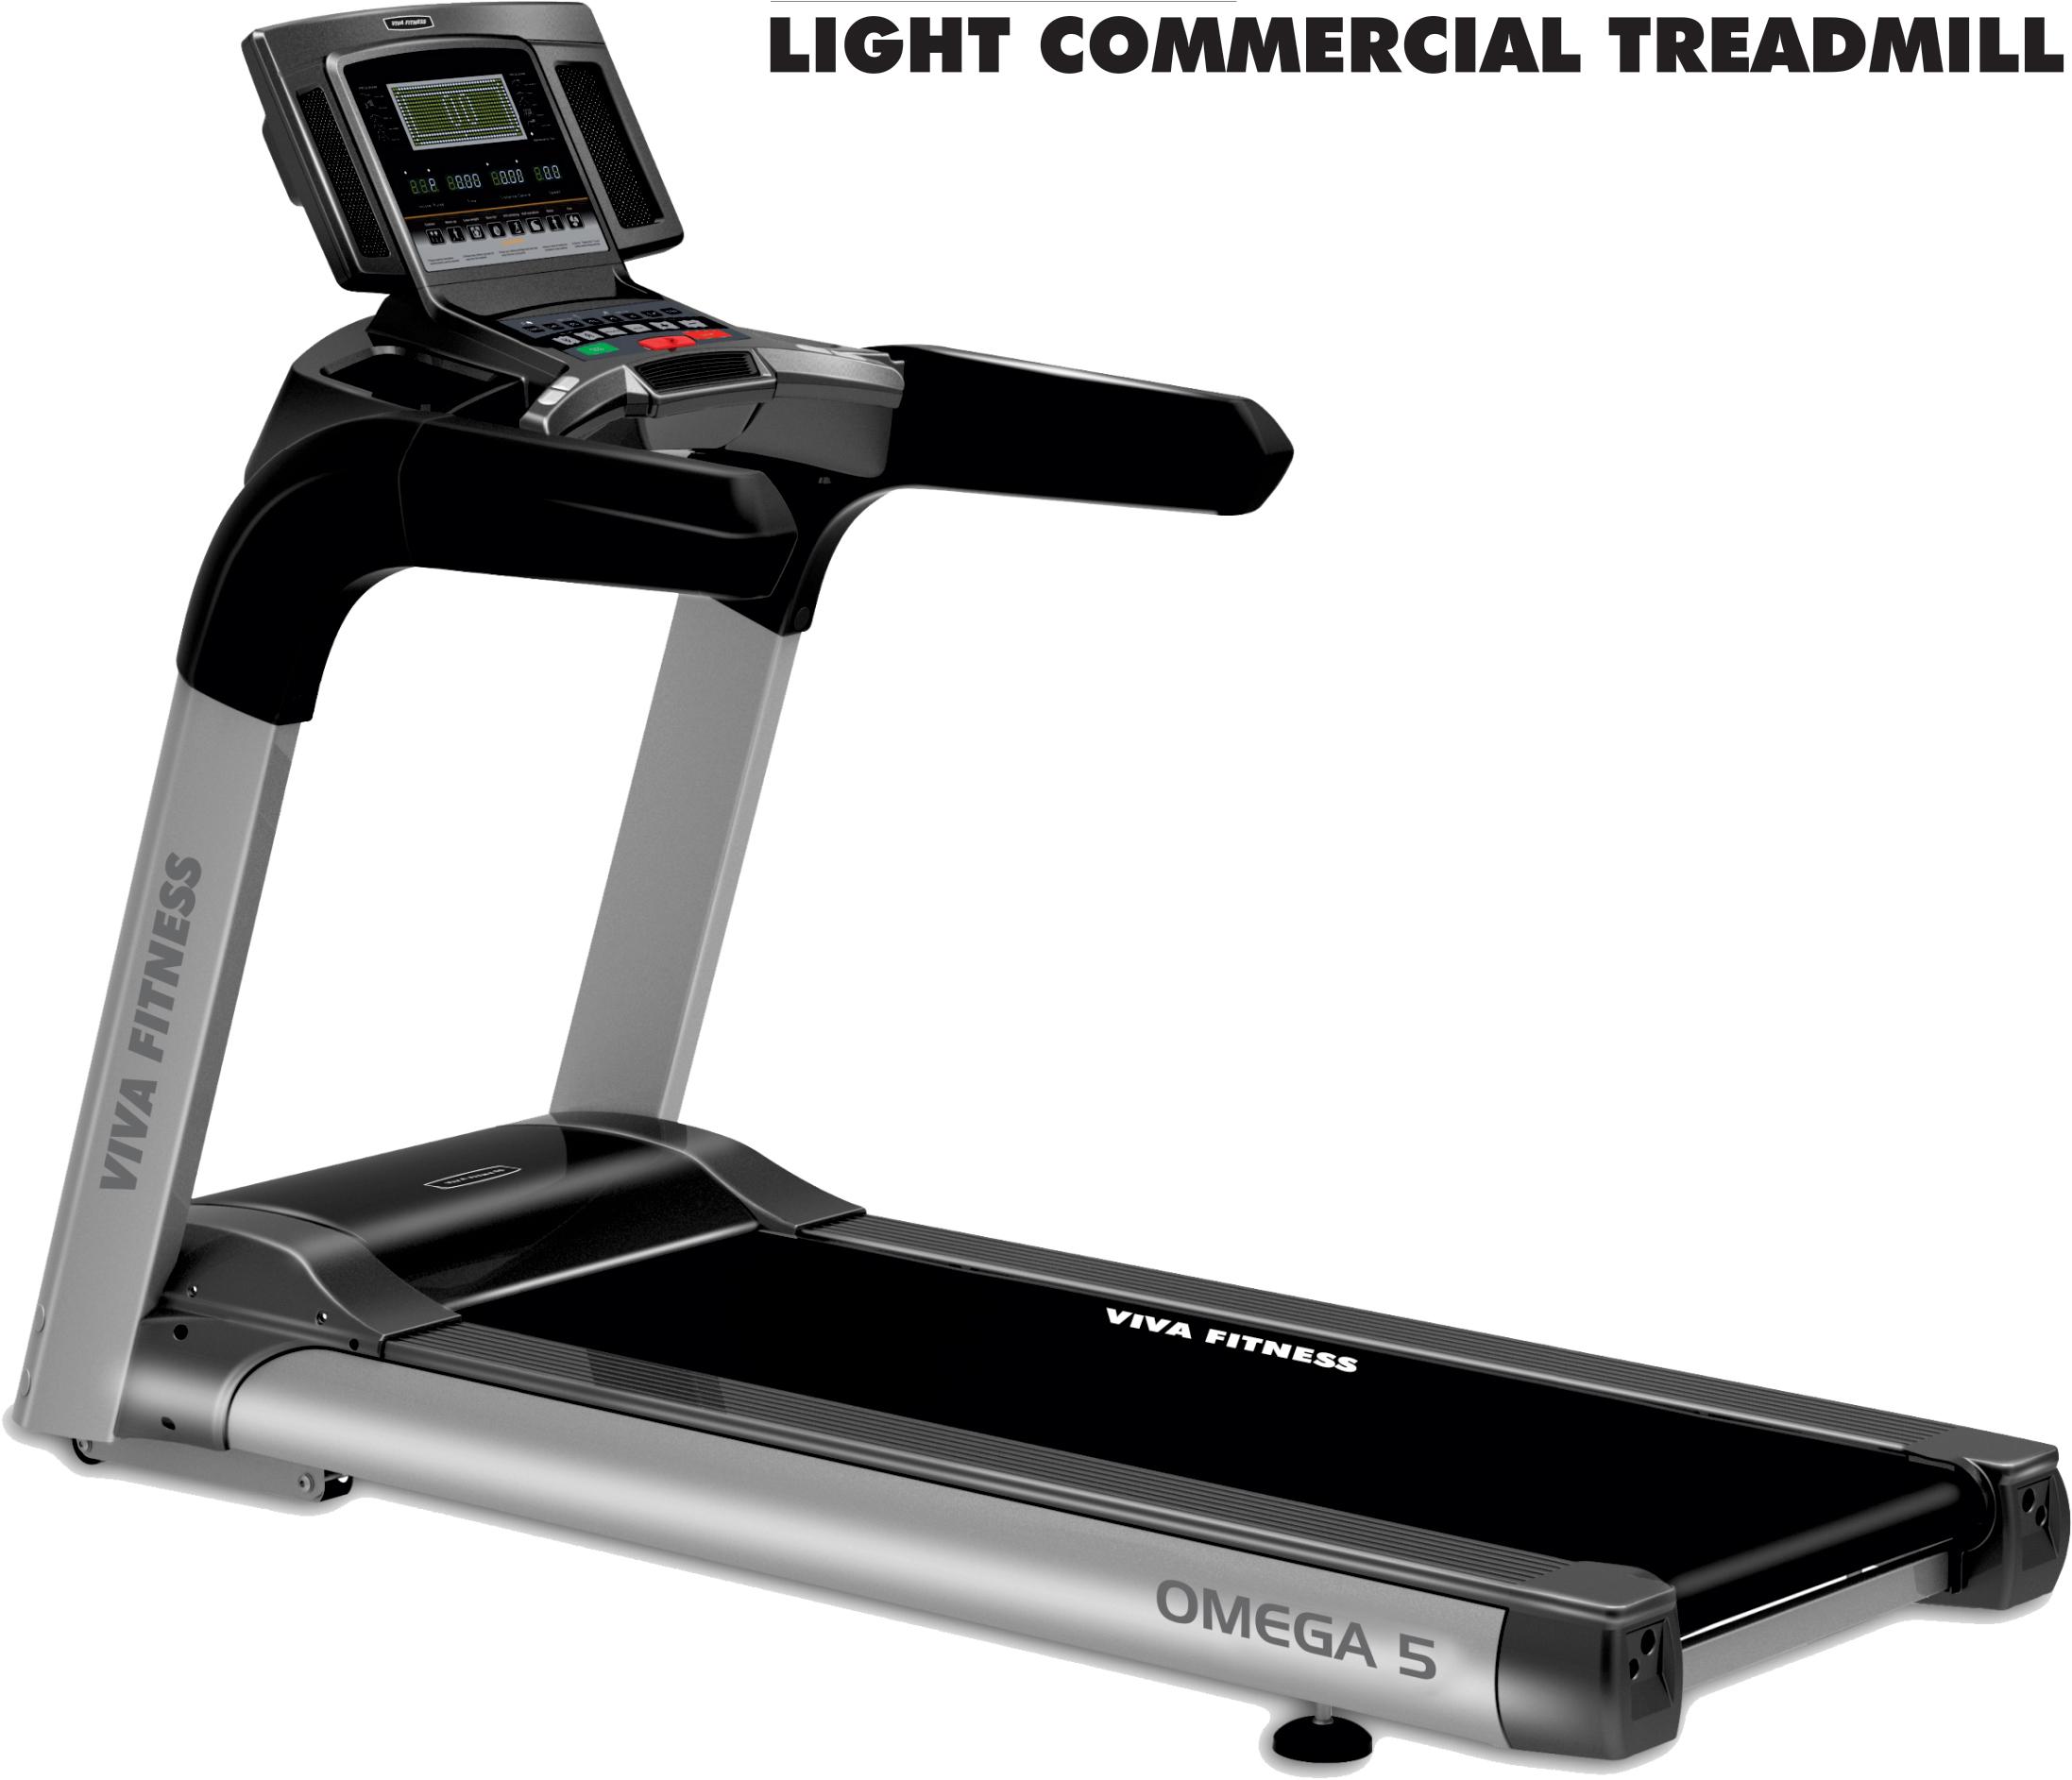 Omega 5 Light Commercial Treadmill